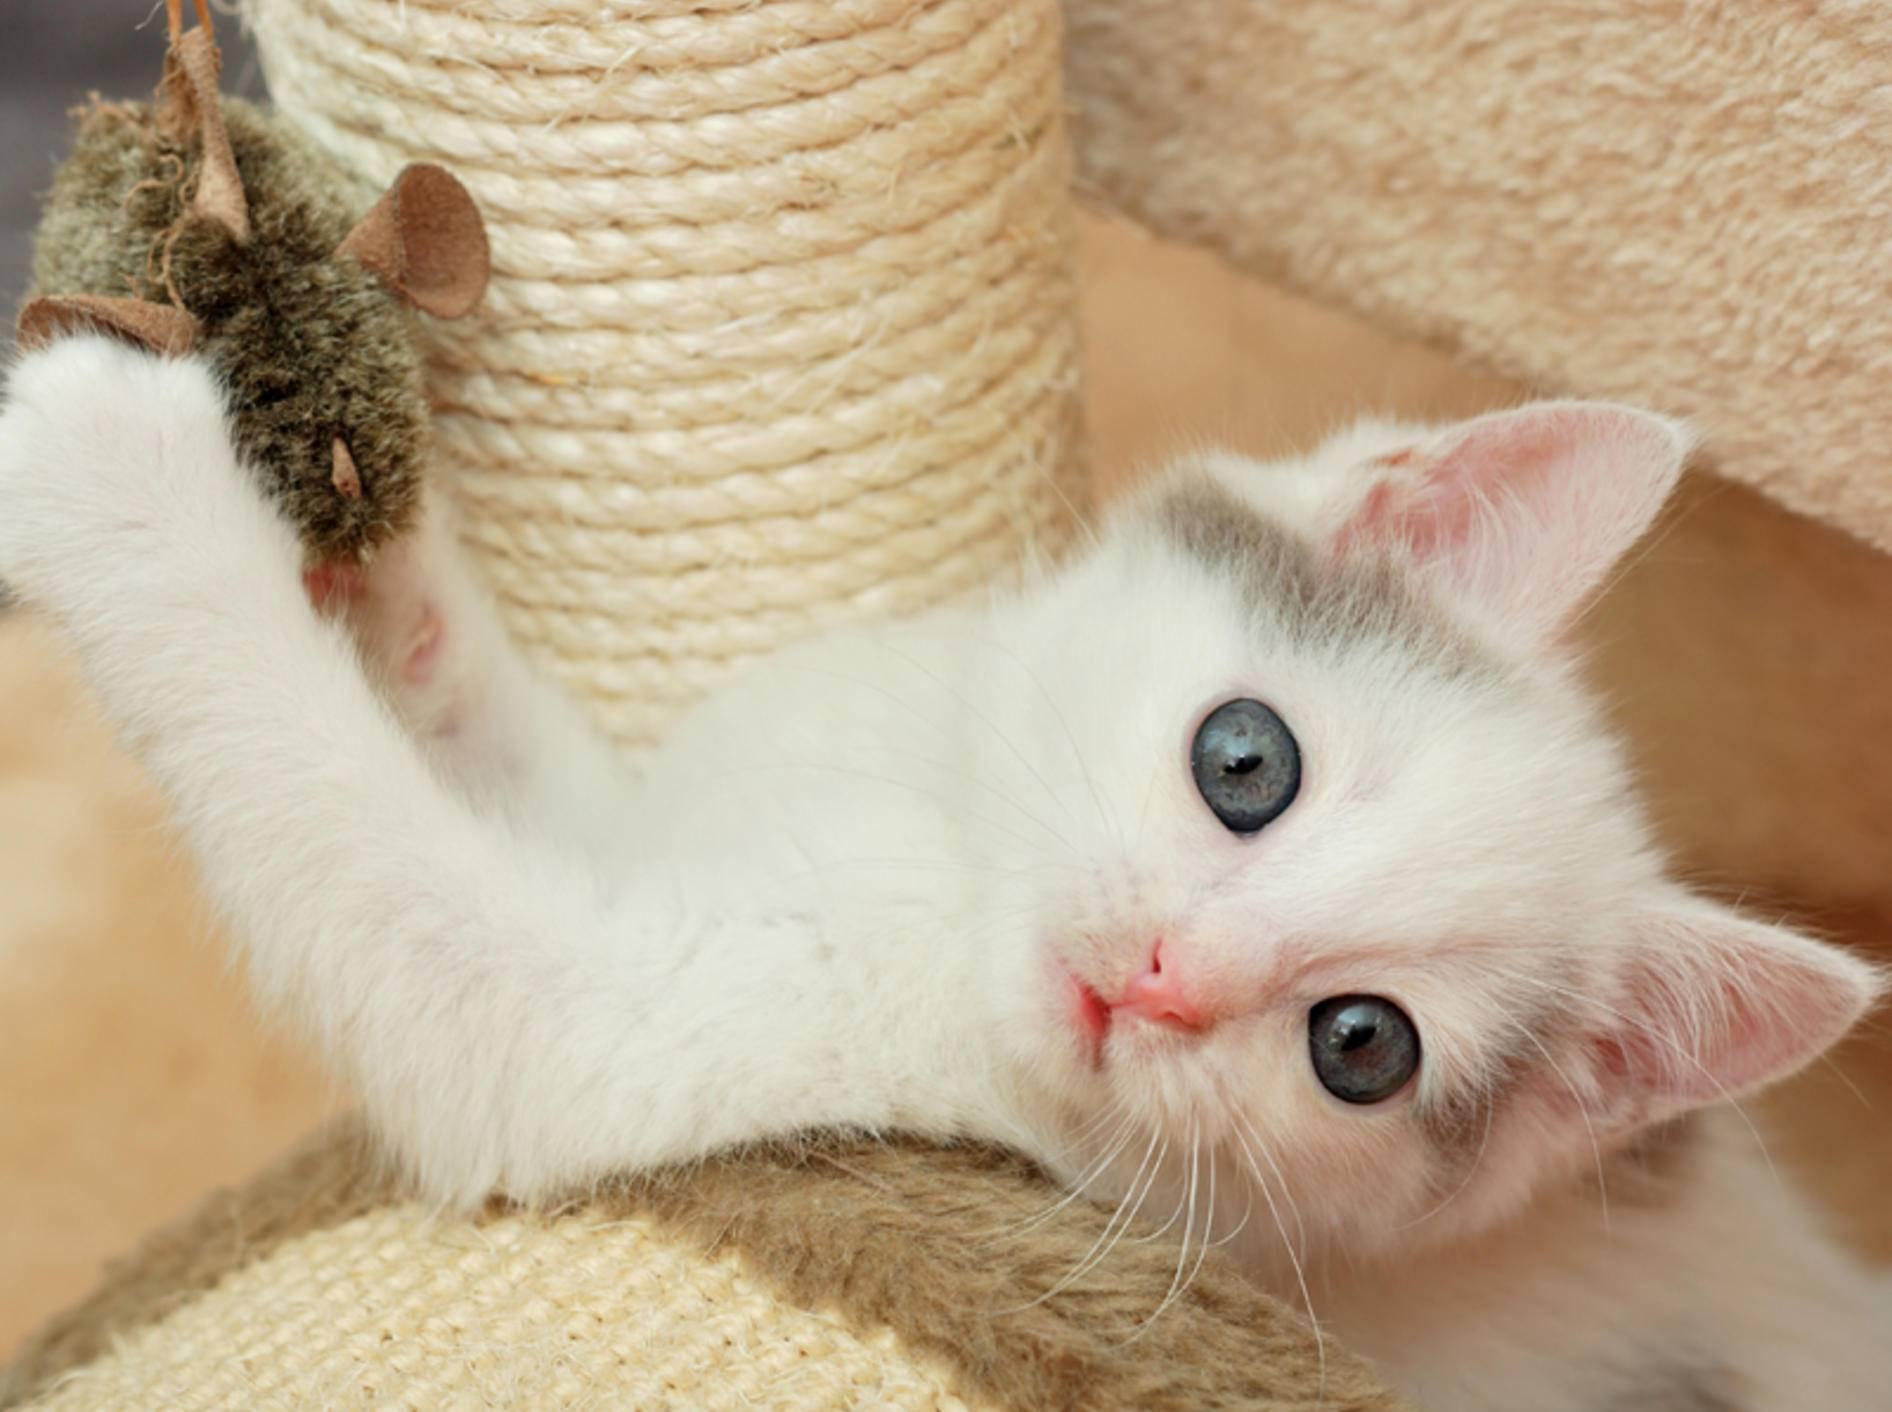 Spaß mit dem Kratzbaum: Für Katzen ein Muss! - Bild: Shutterstock / Nadinelle